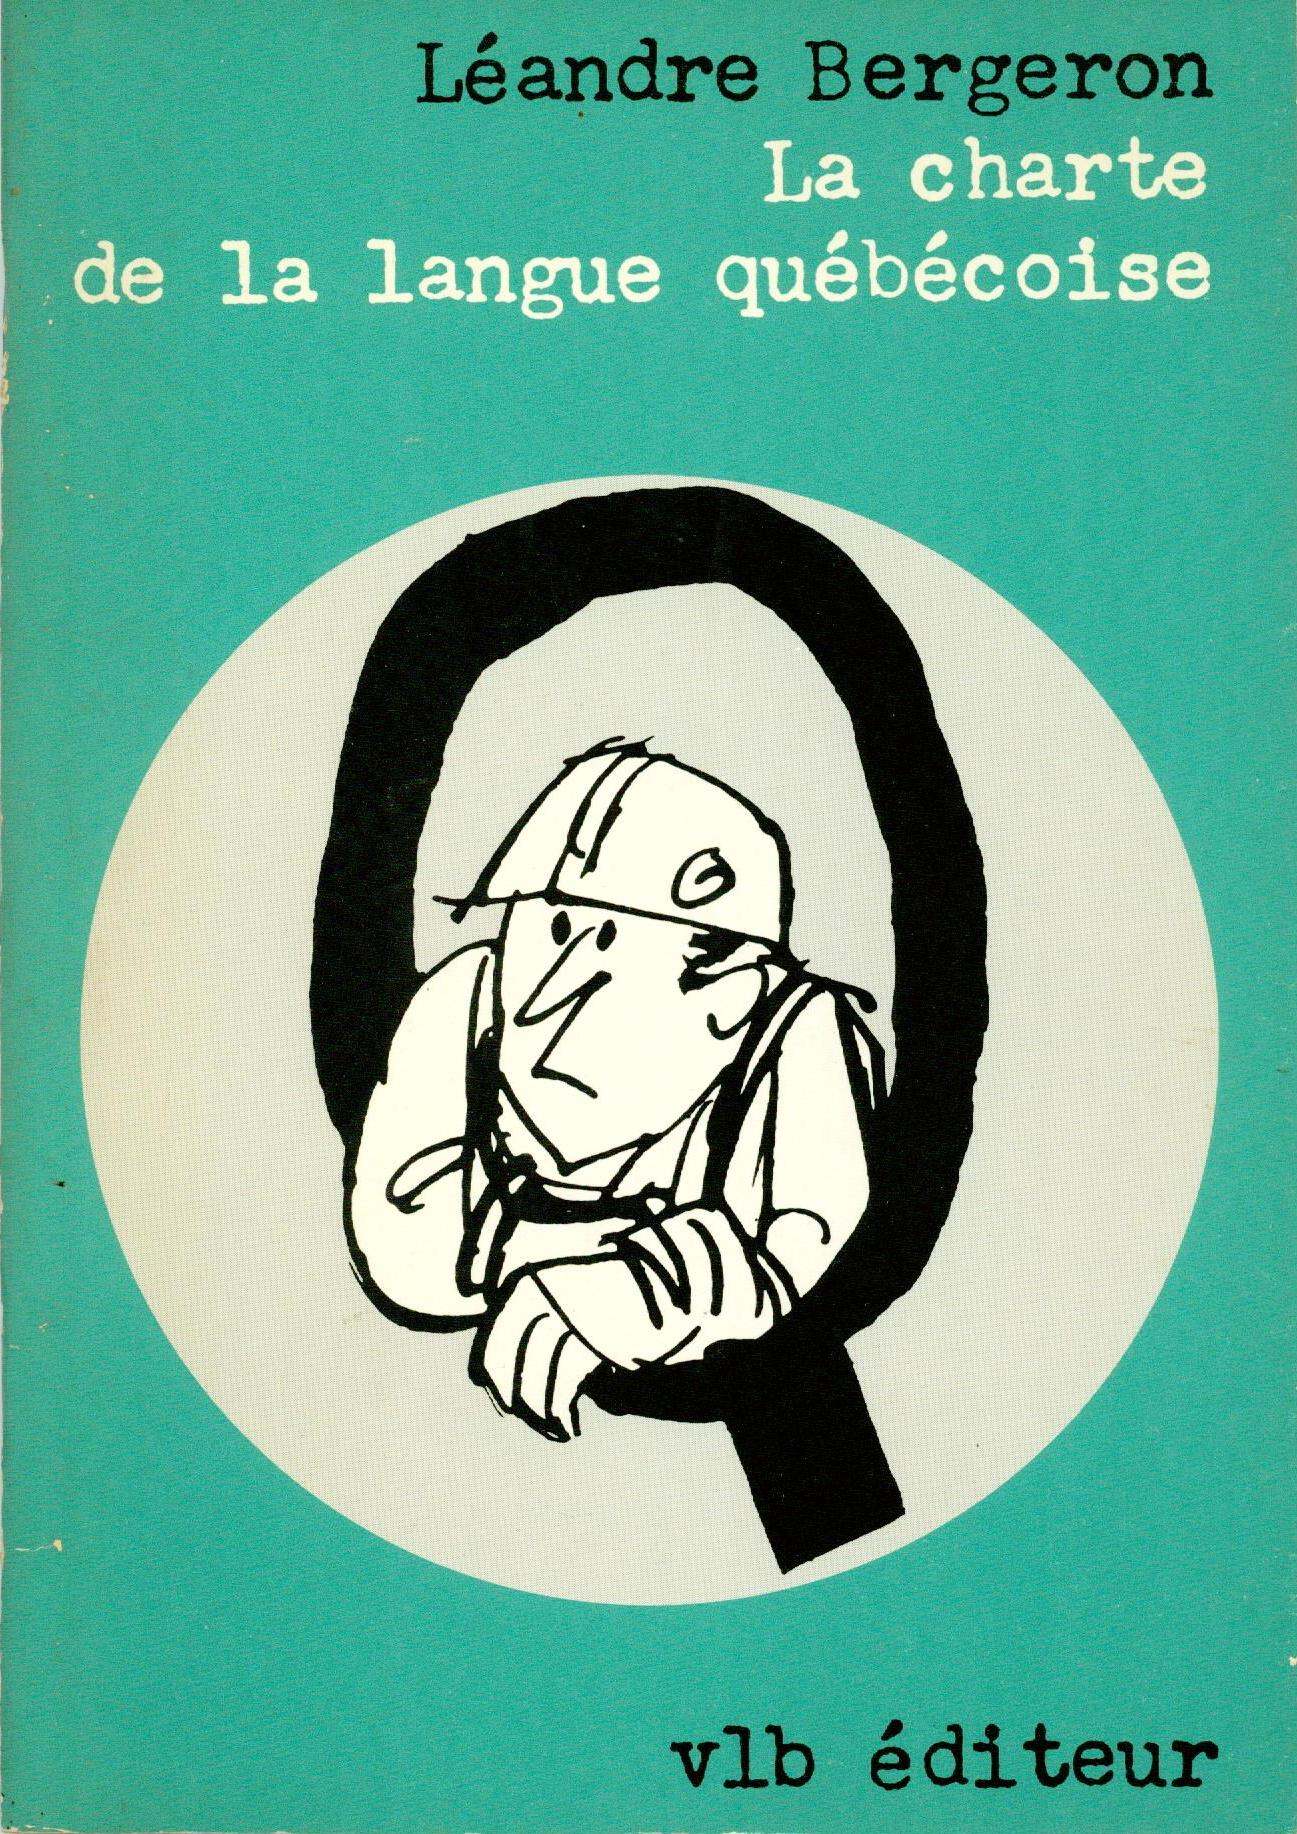 La charte 1981